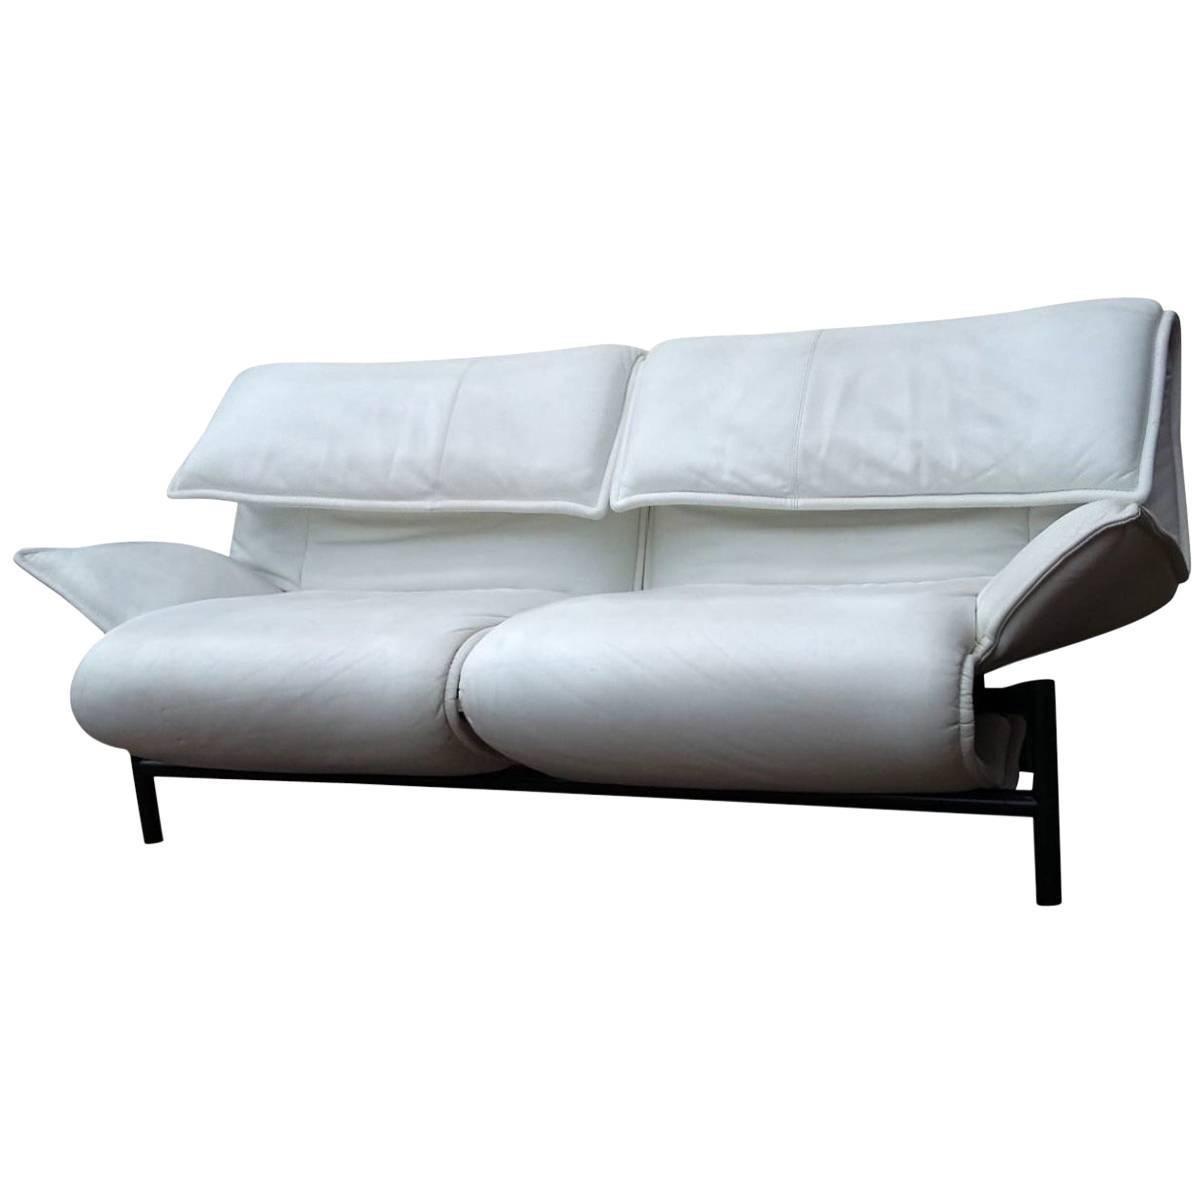 White Leather Sofa By Vico Magistretti For Cassina, Model Veranda, 1980s